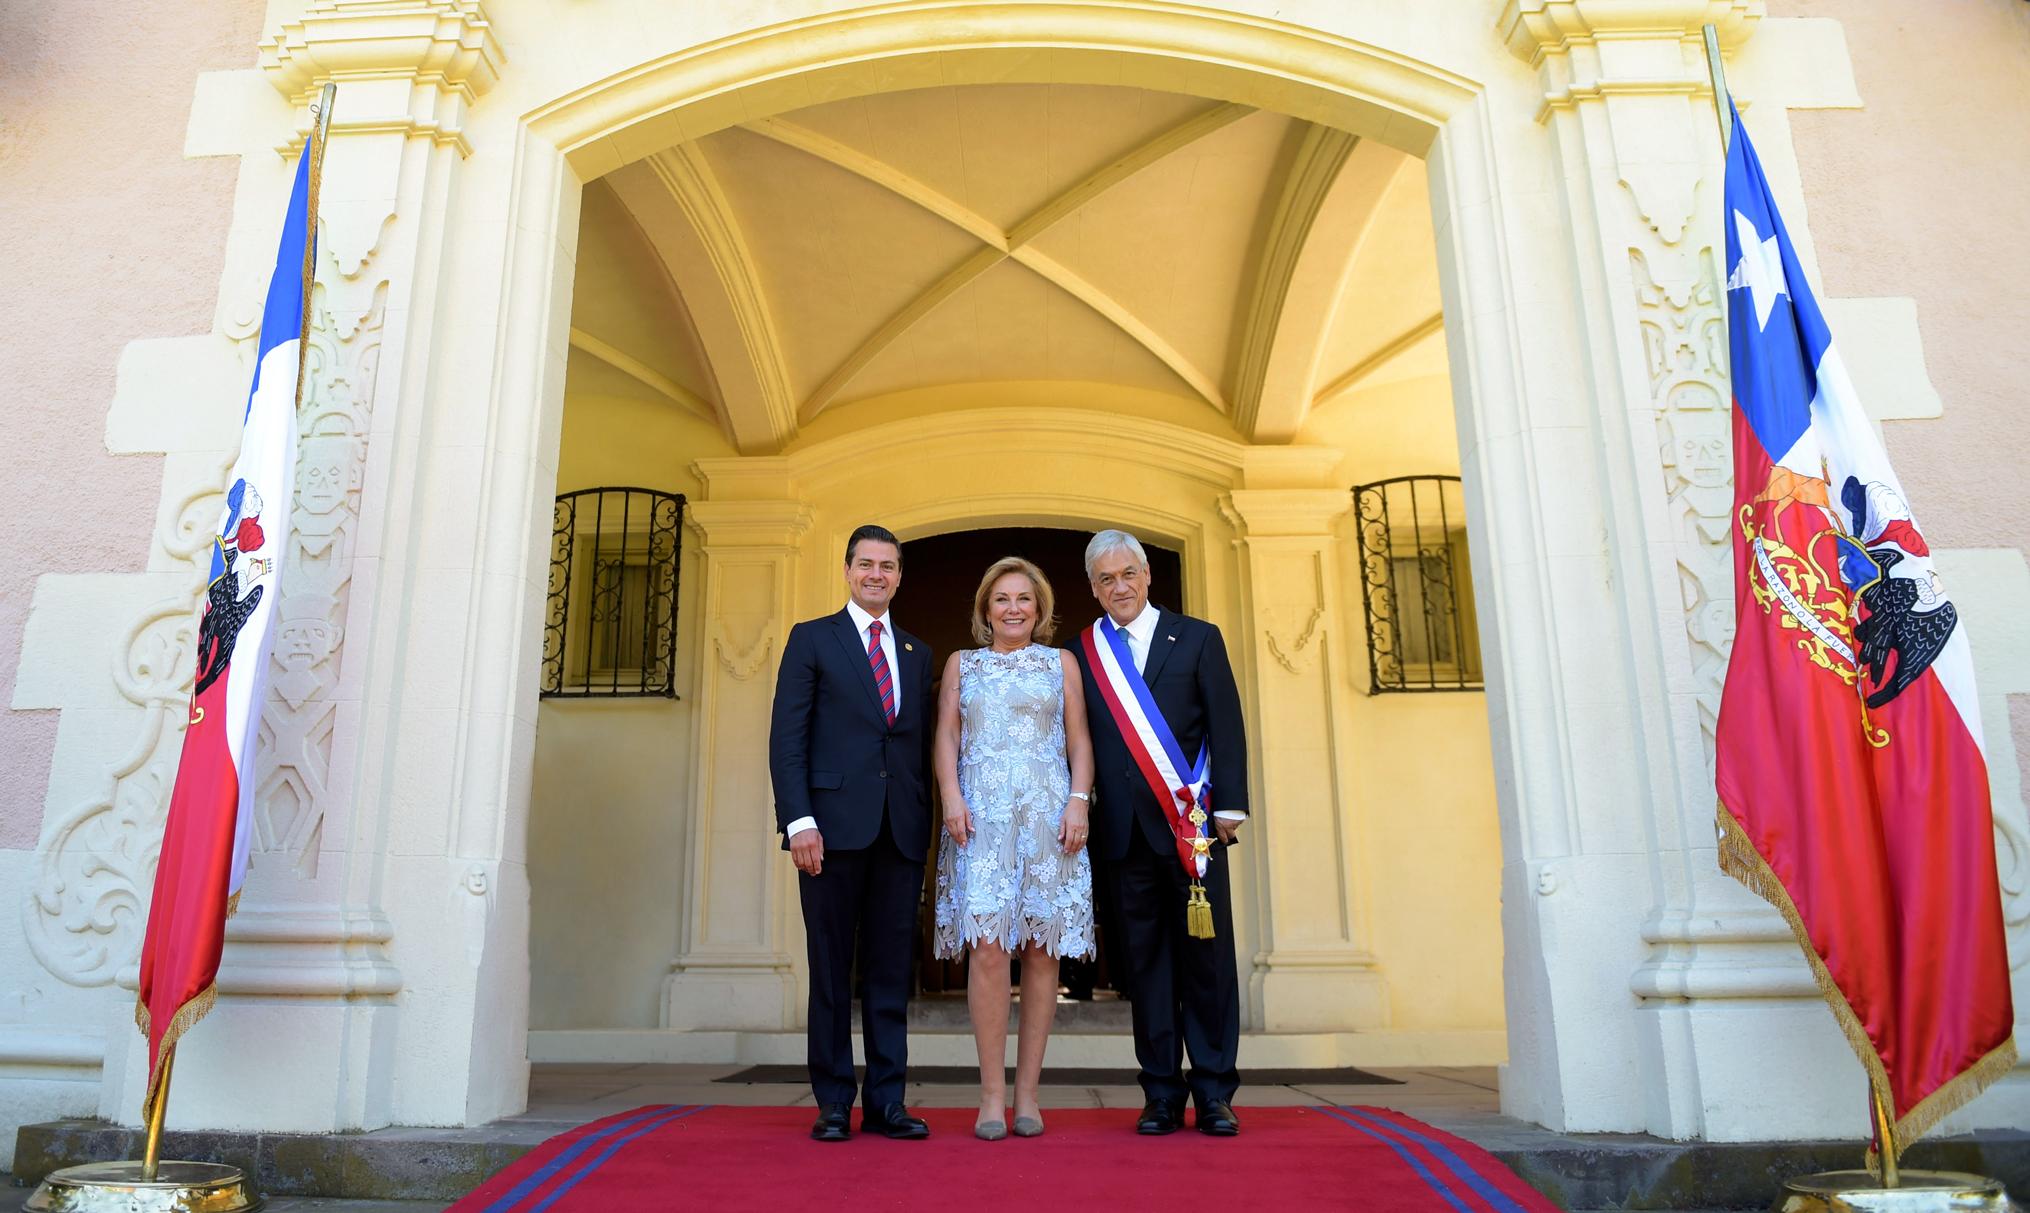 México y Chile son, además, socios en la Alianza del Pacífico, exitoso mecanismo creado en 2011 junto con Colombia y Perú, que promueve la integración económica en la región.